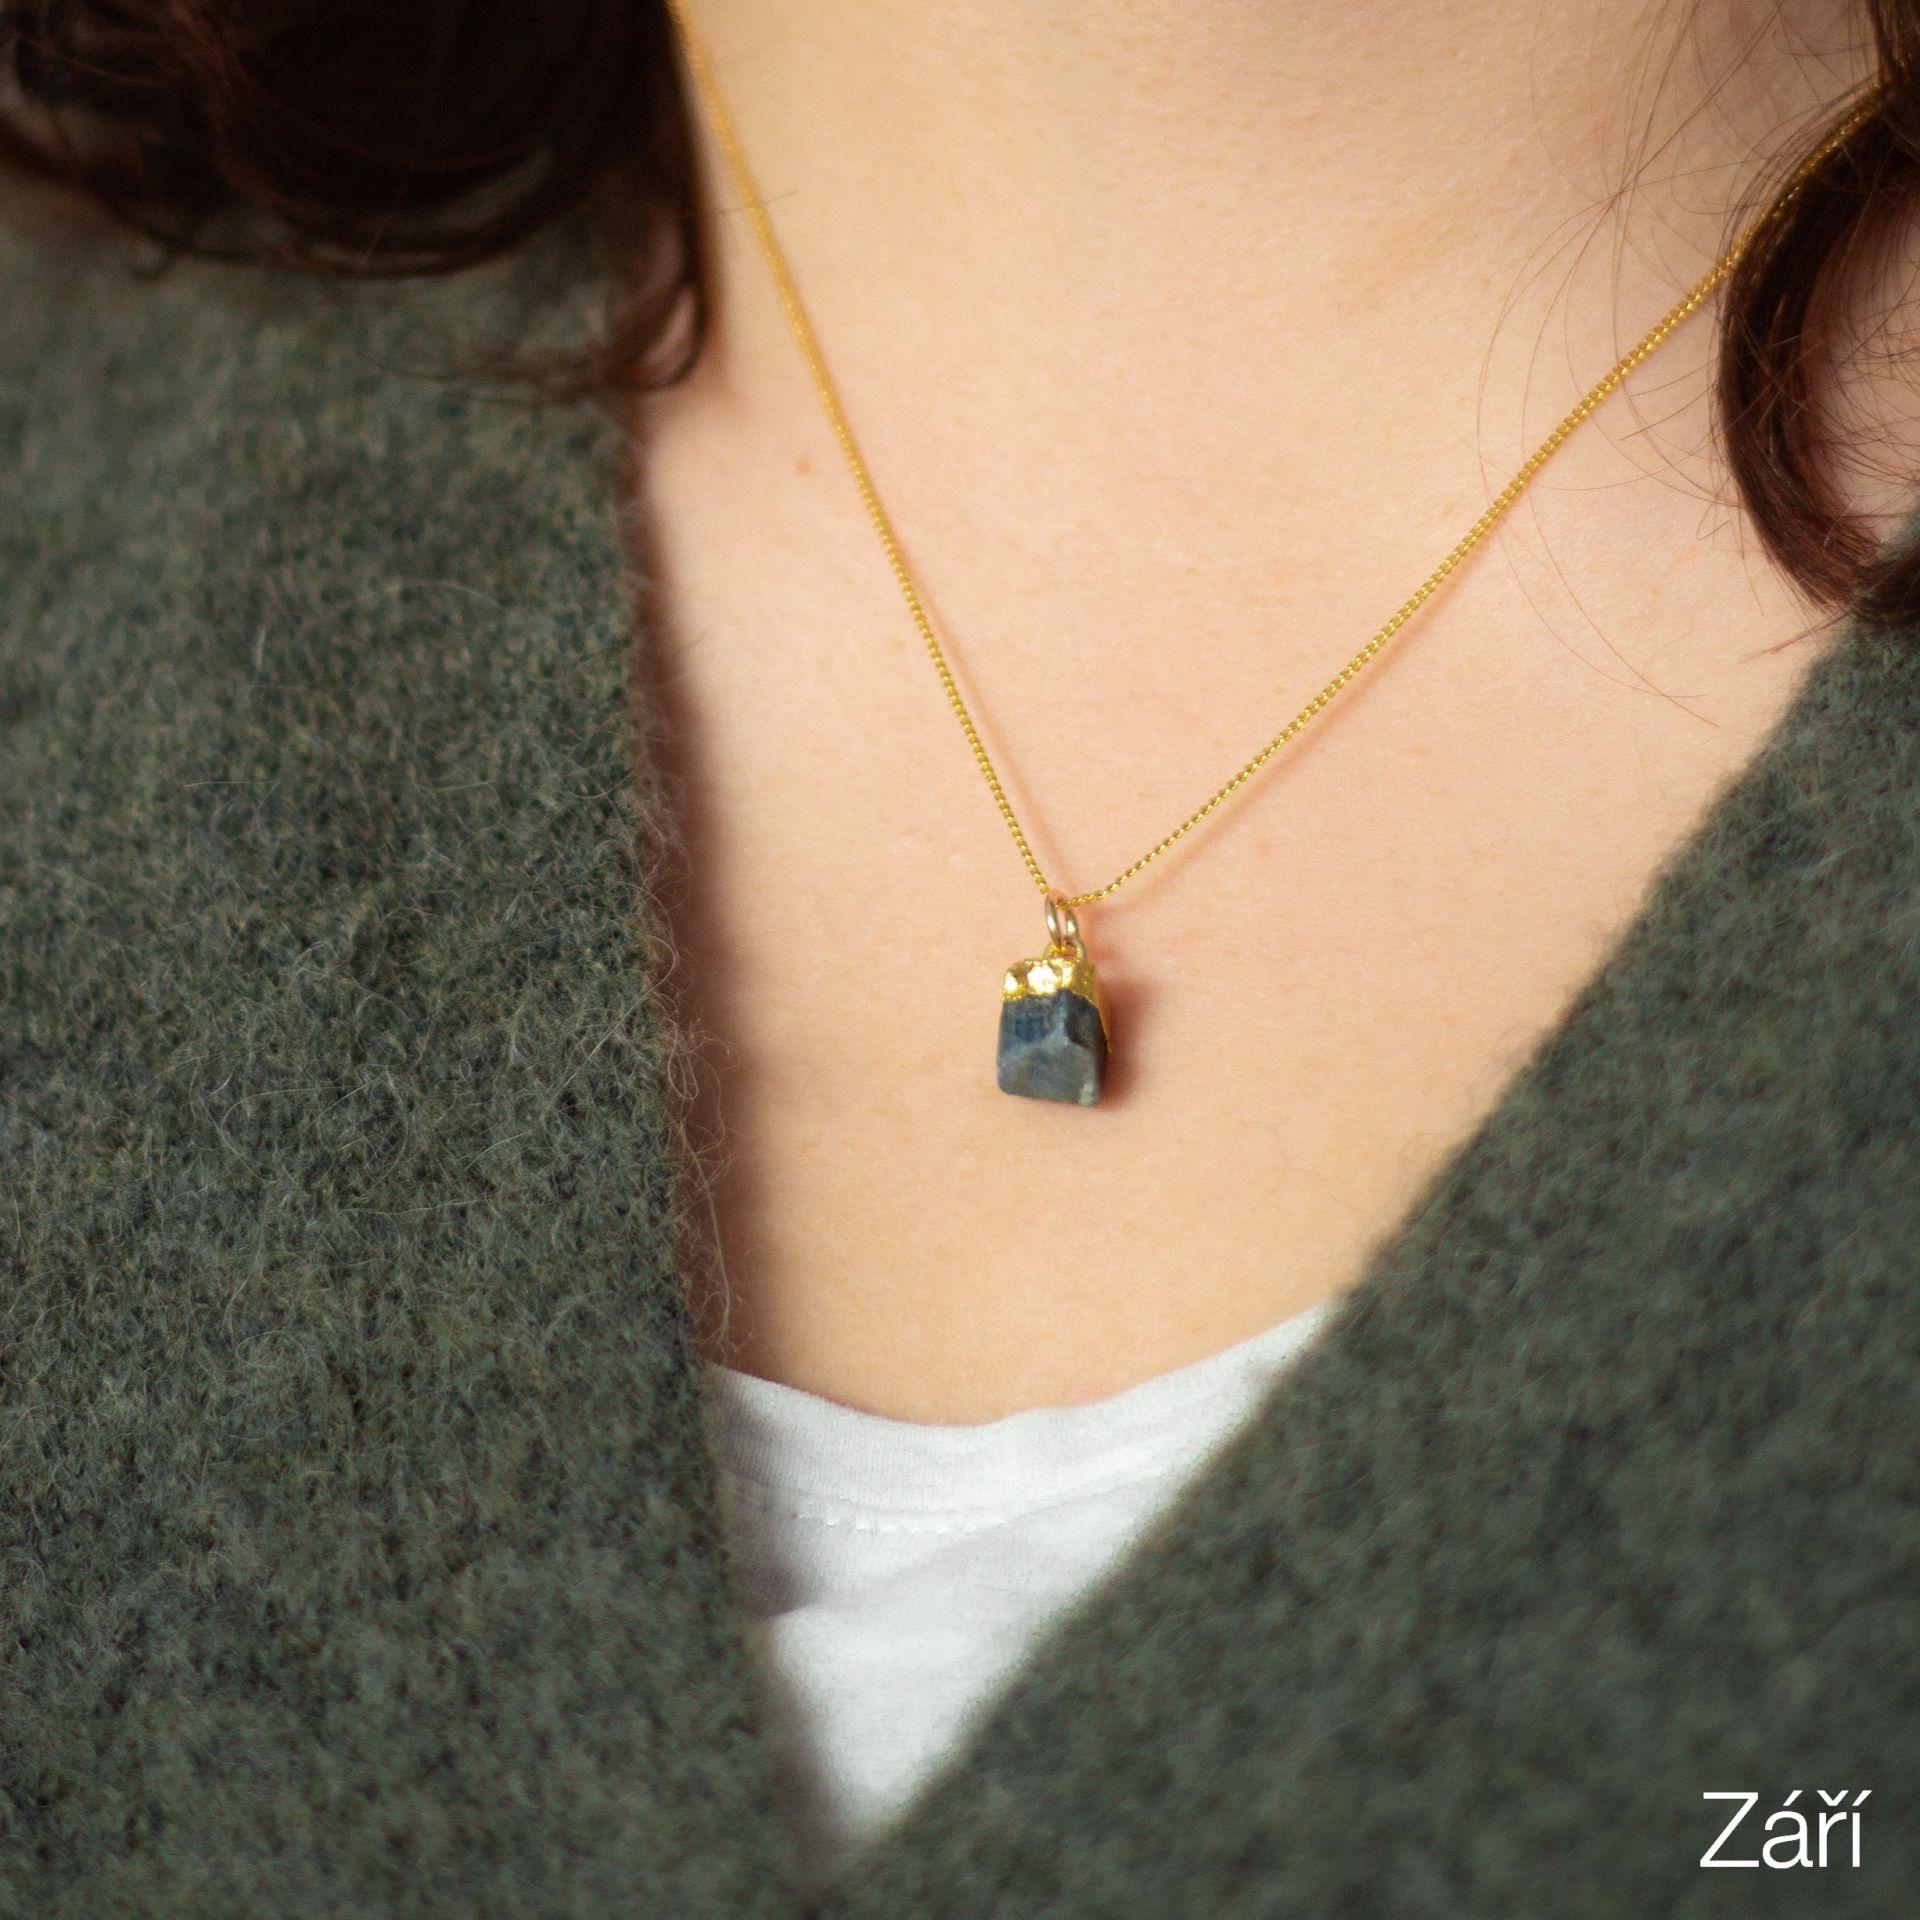 DECADORN Pozlacený řetízek s narozeninovým kamenem Birthstone Září - safír, multi barva, zlatá barva, kov, kámen